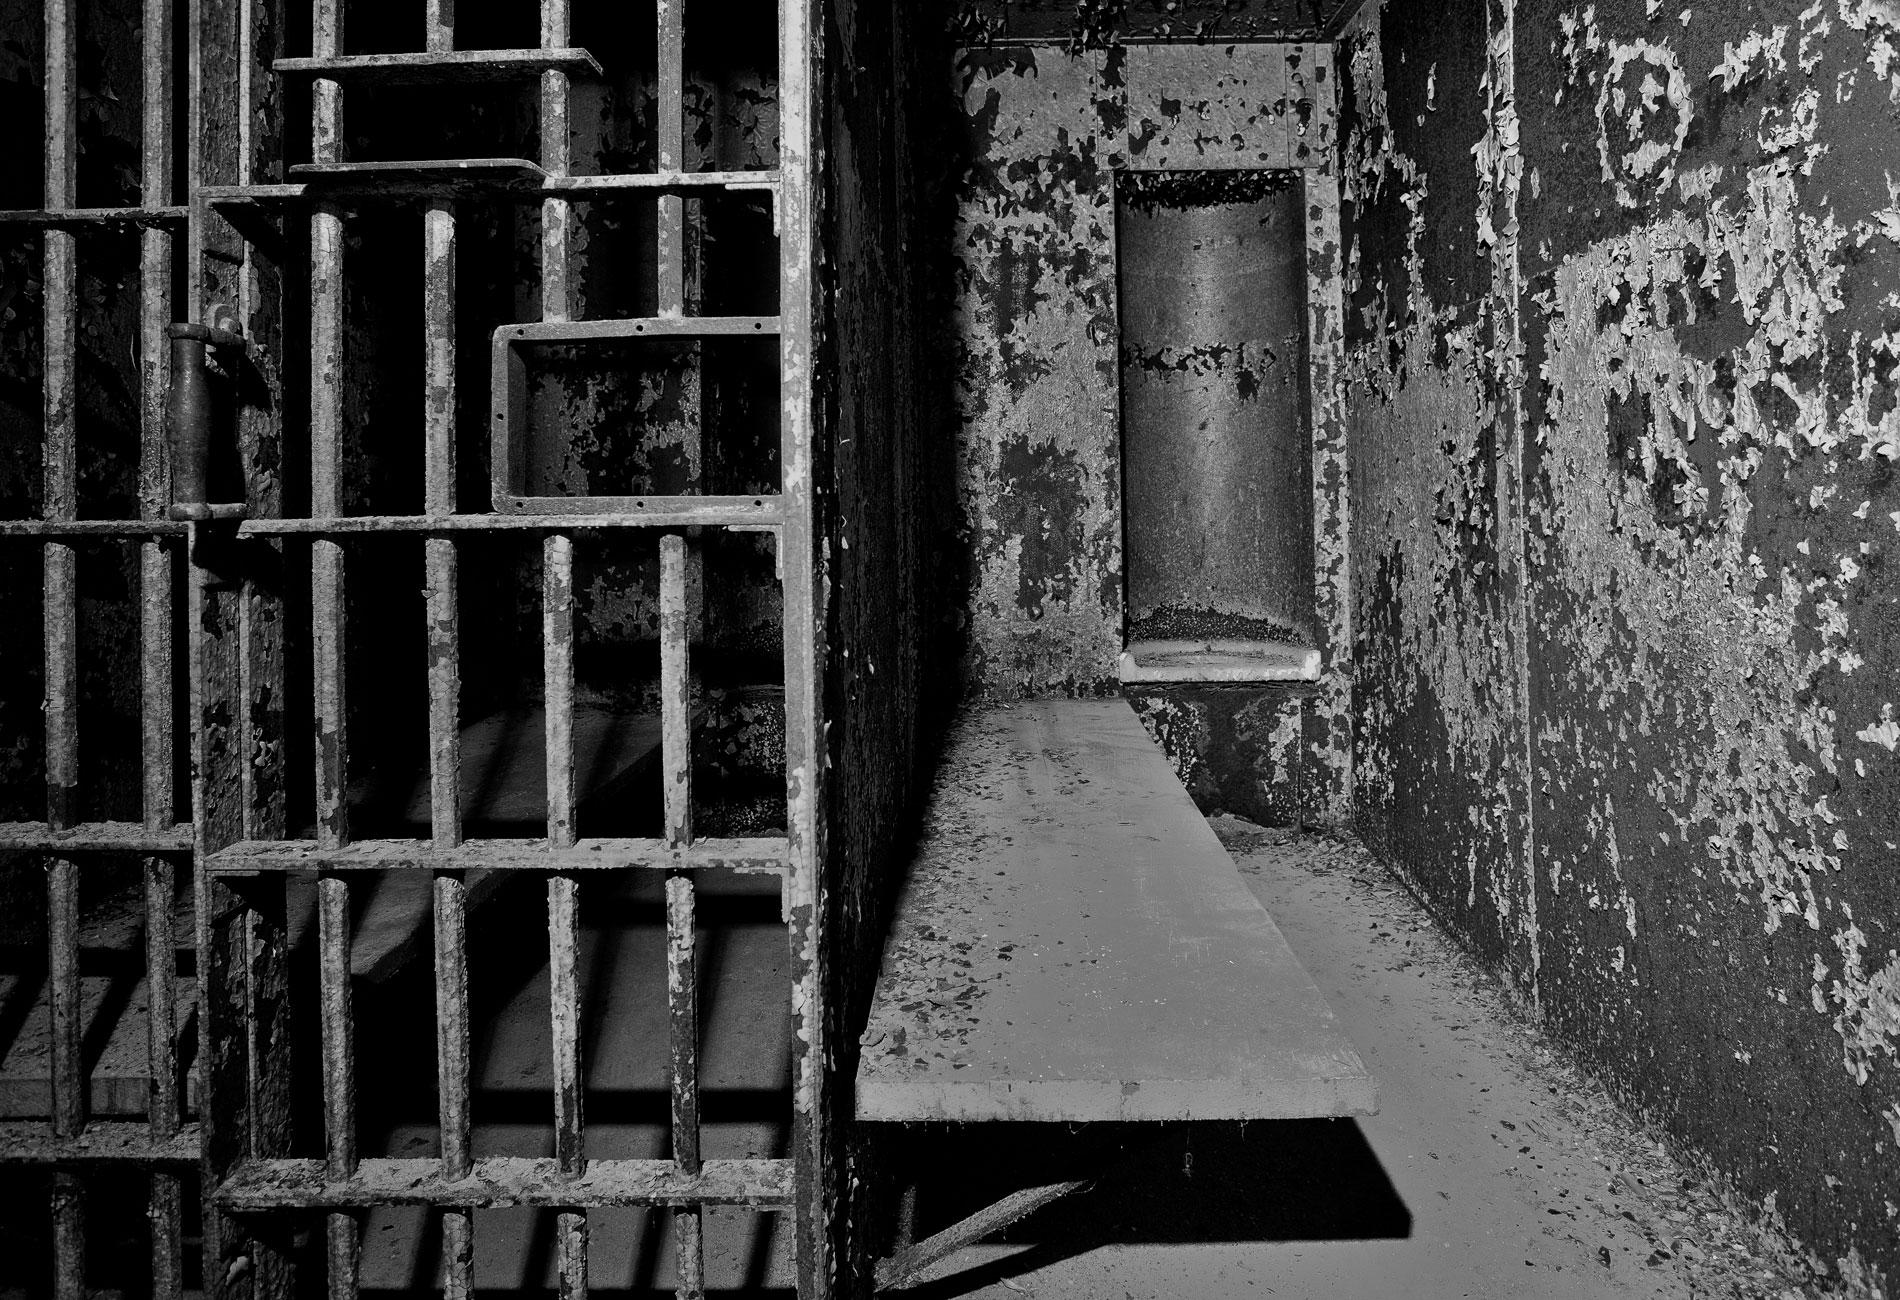 cell | Darren Ketchum